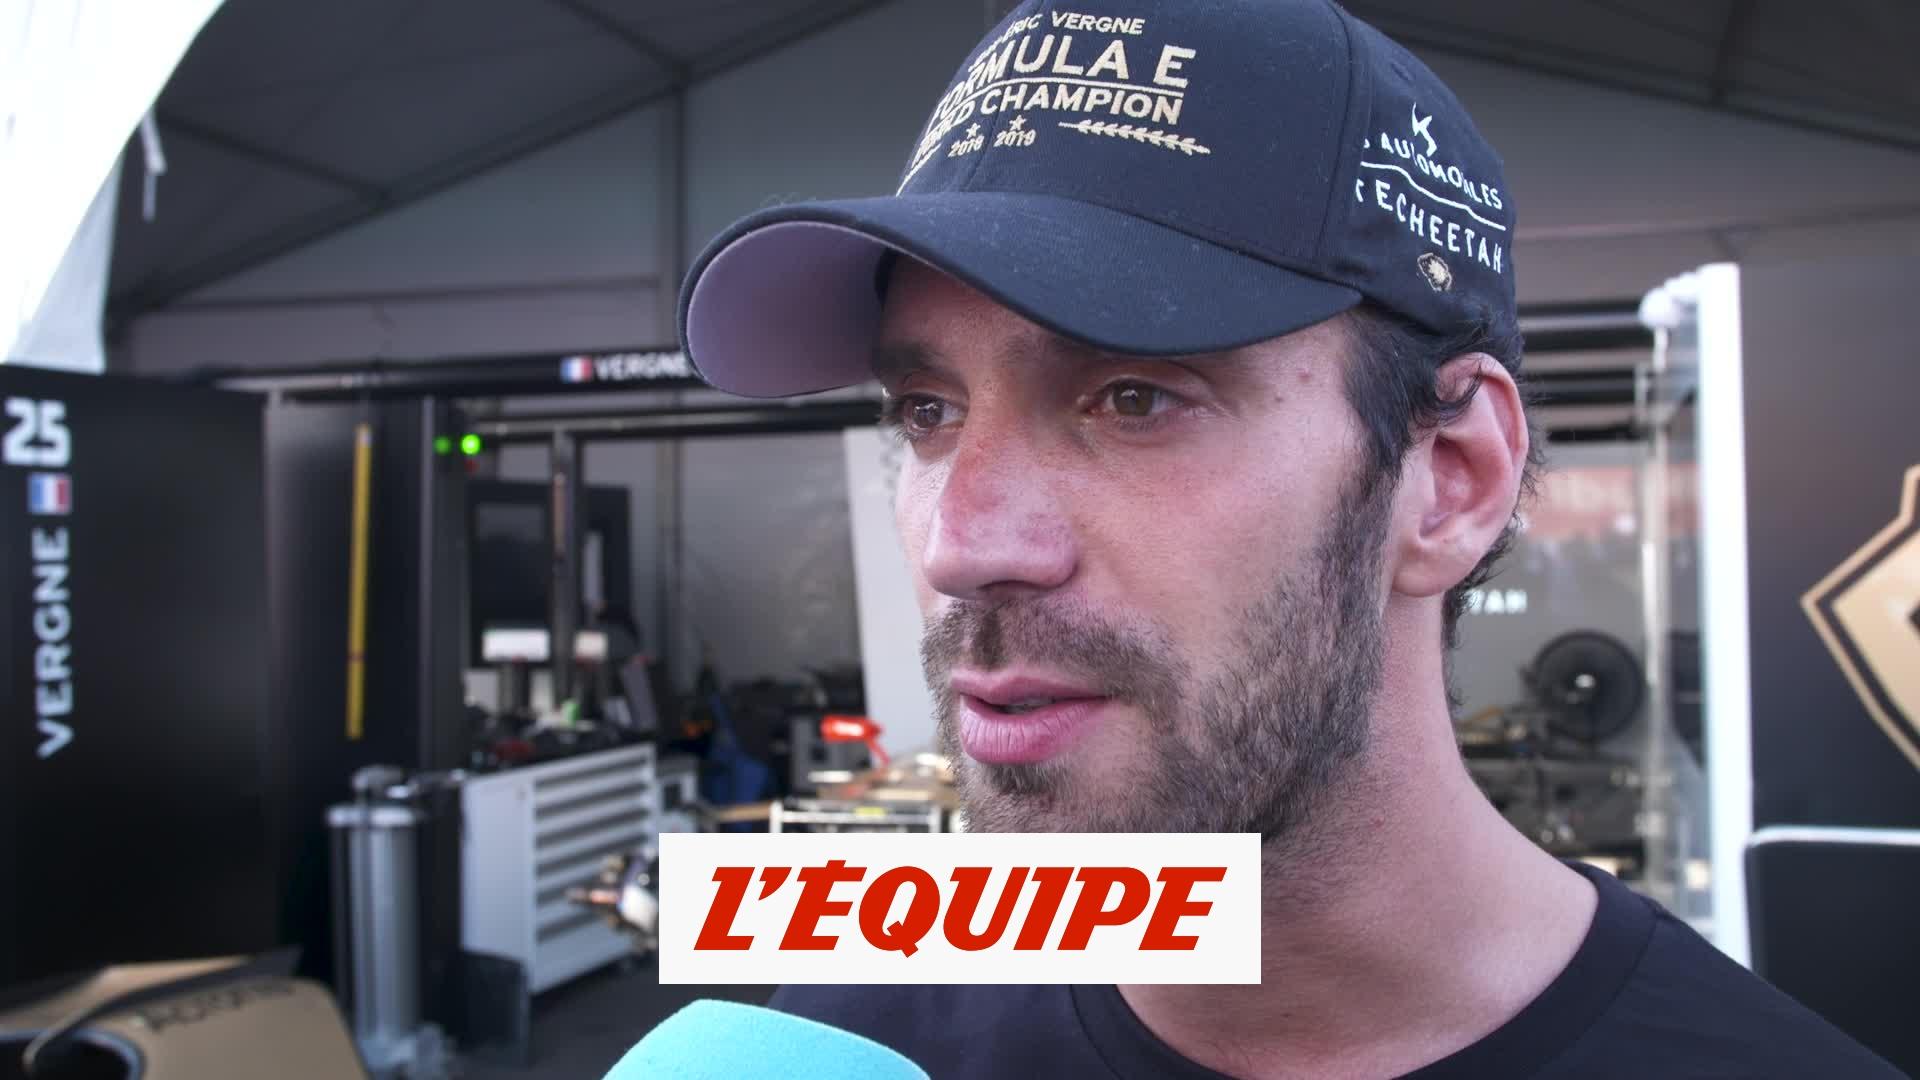 Vergne «Des moments forts en émotions» - Auto - Formule E